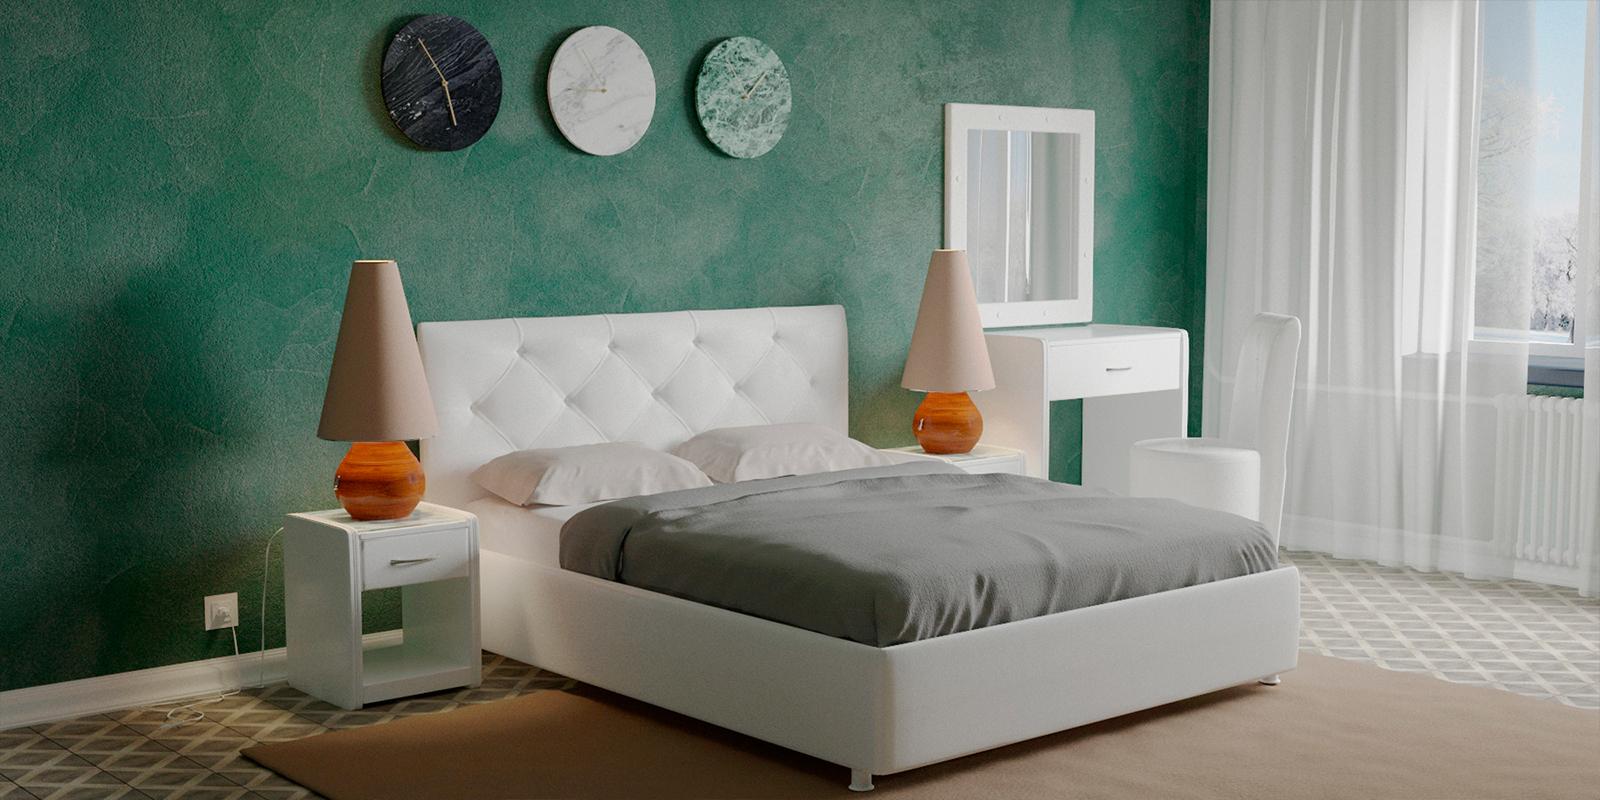 Мягкая кровать 200х160 Малибу вариант №2 с ортопедическим основанием (Белый)